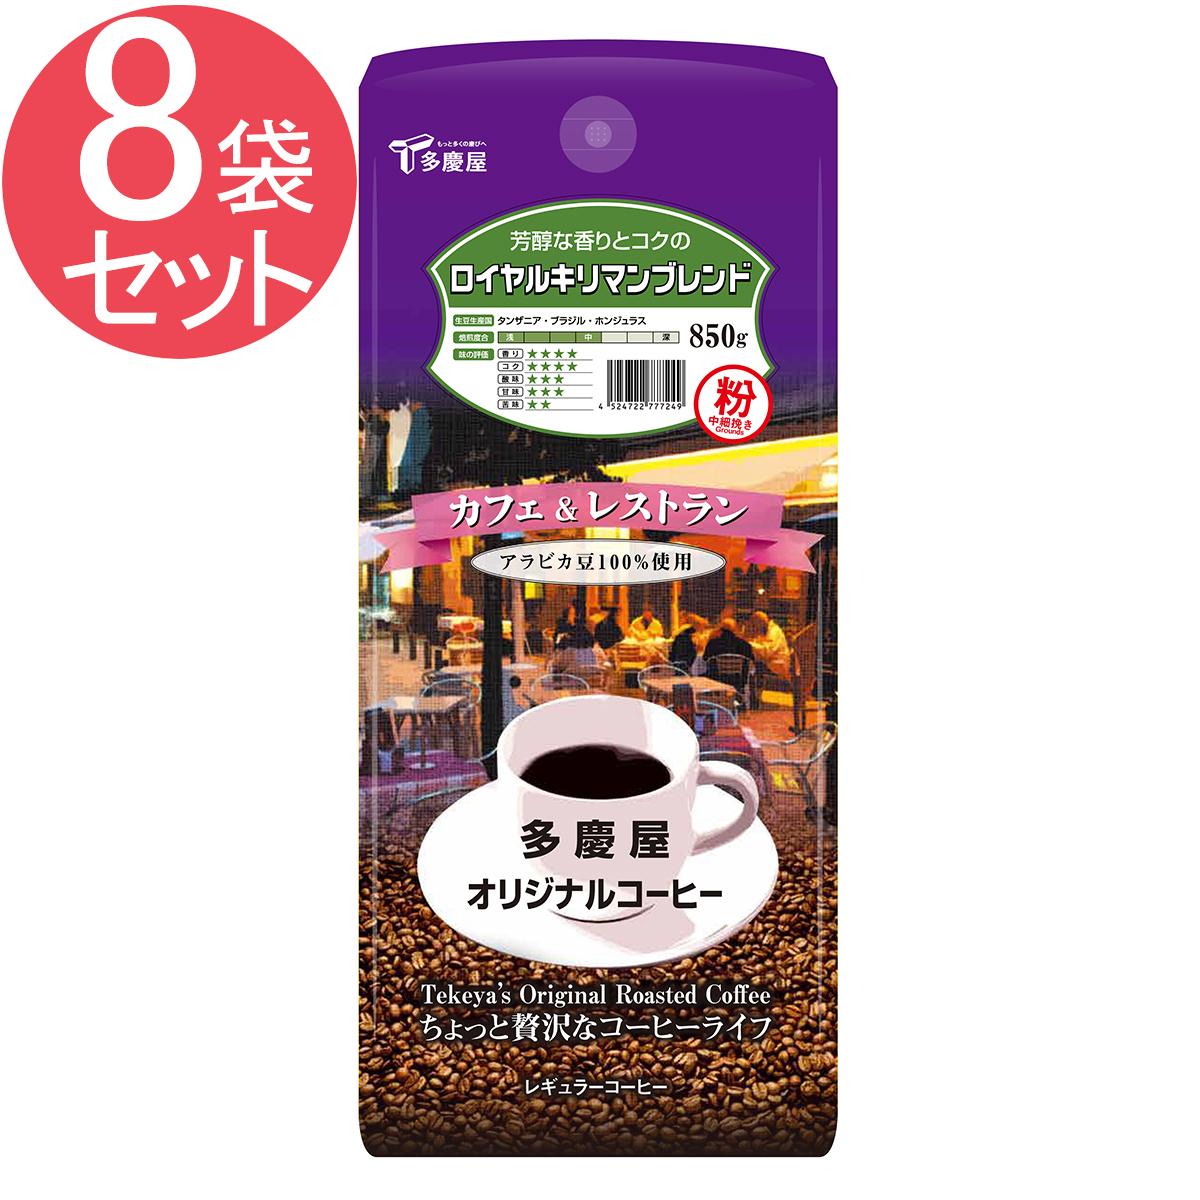 ロイヤルキリマンブレンド 粉 850g×8袋セット 多慶屋オリジナルコーヒー 【カフェ&レストラン】 コーヒー粉 レギュラーコーヒー 珈琲